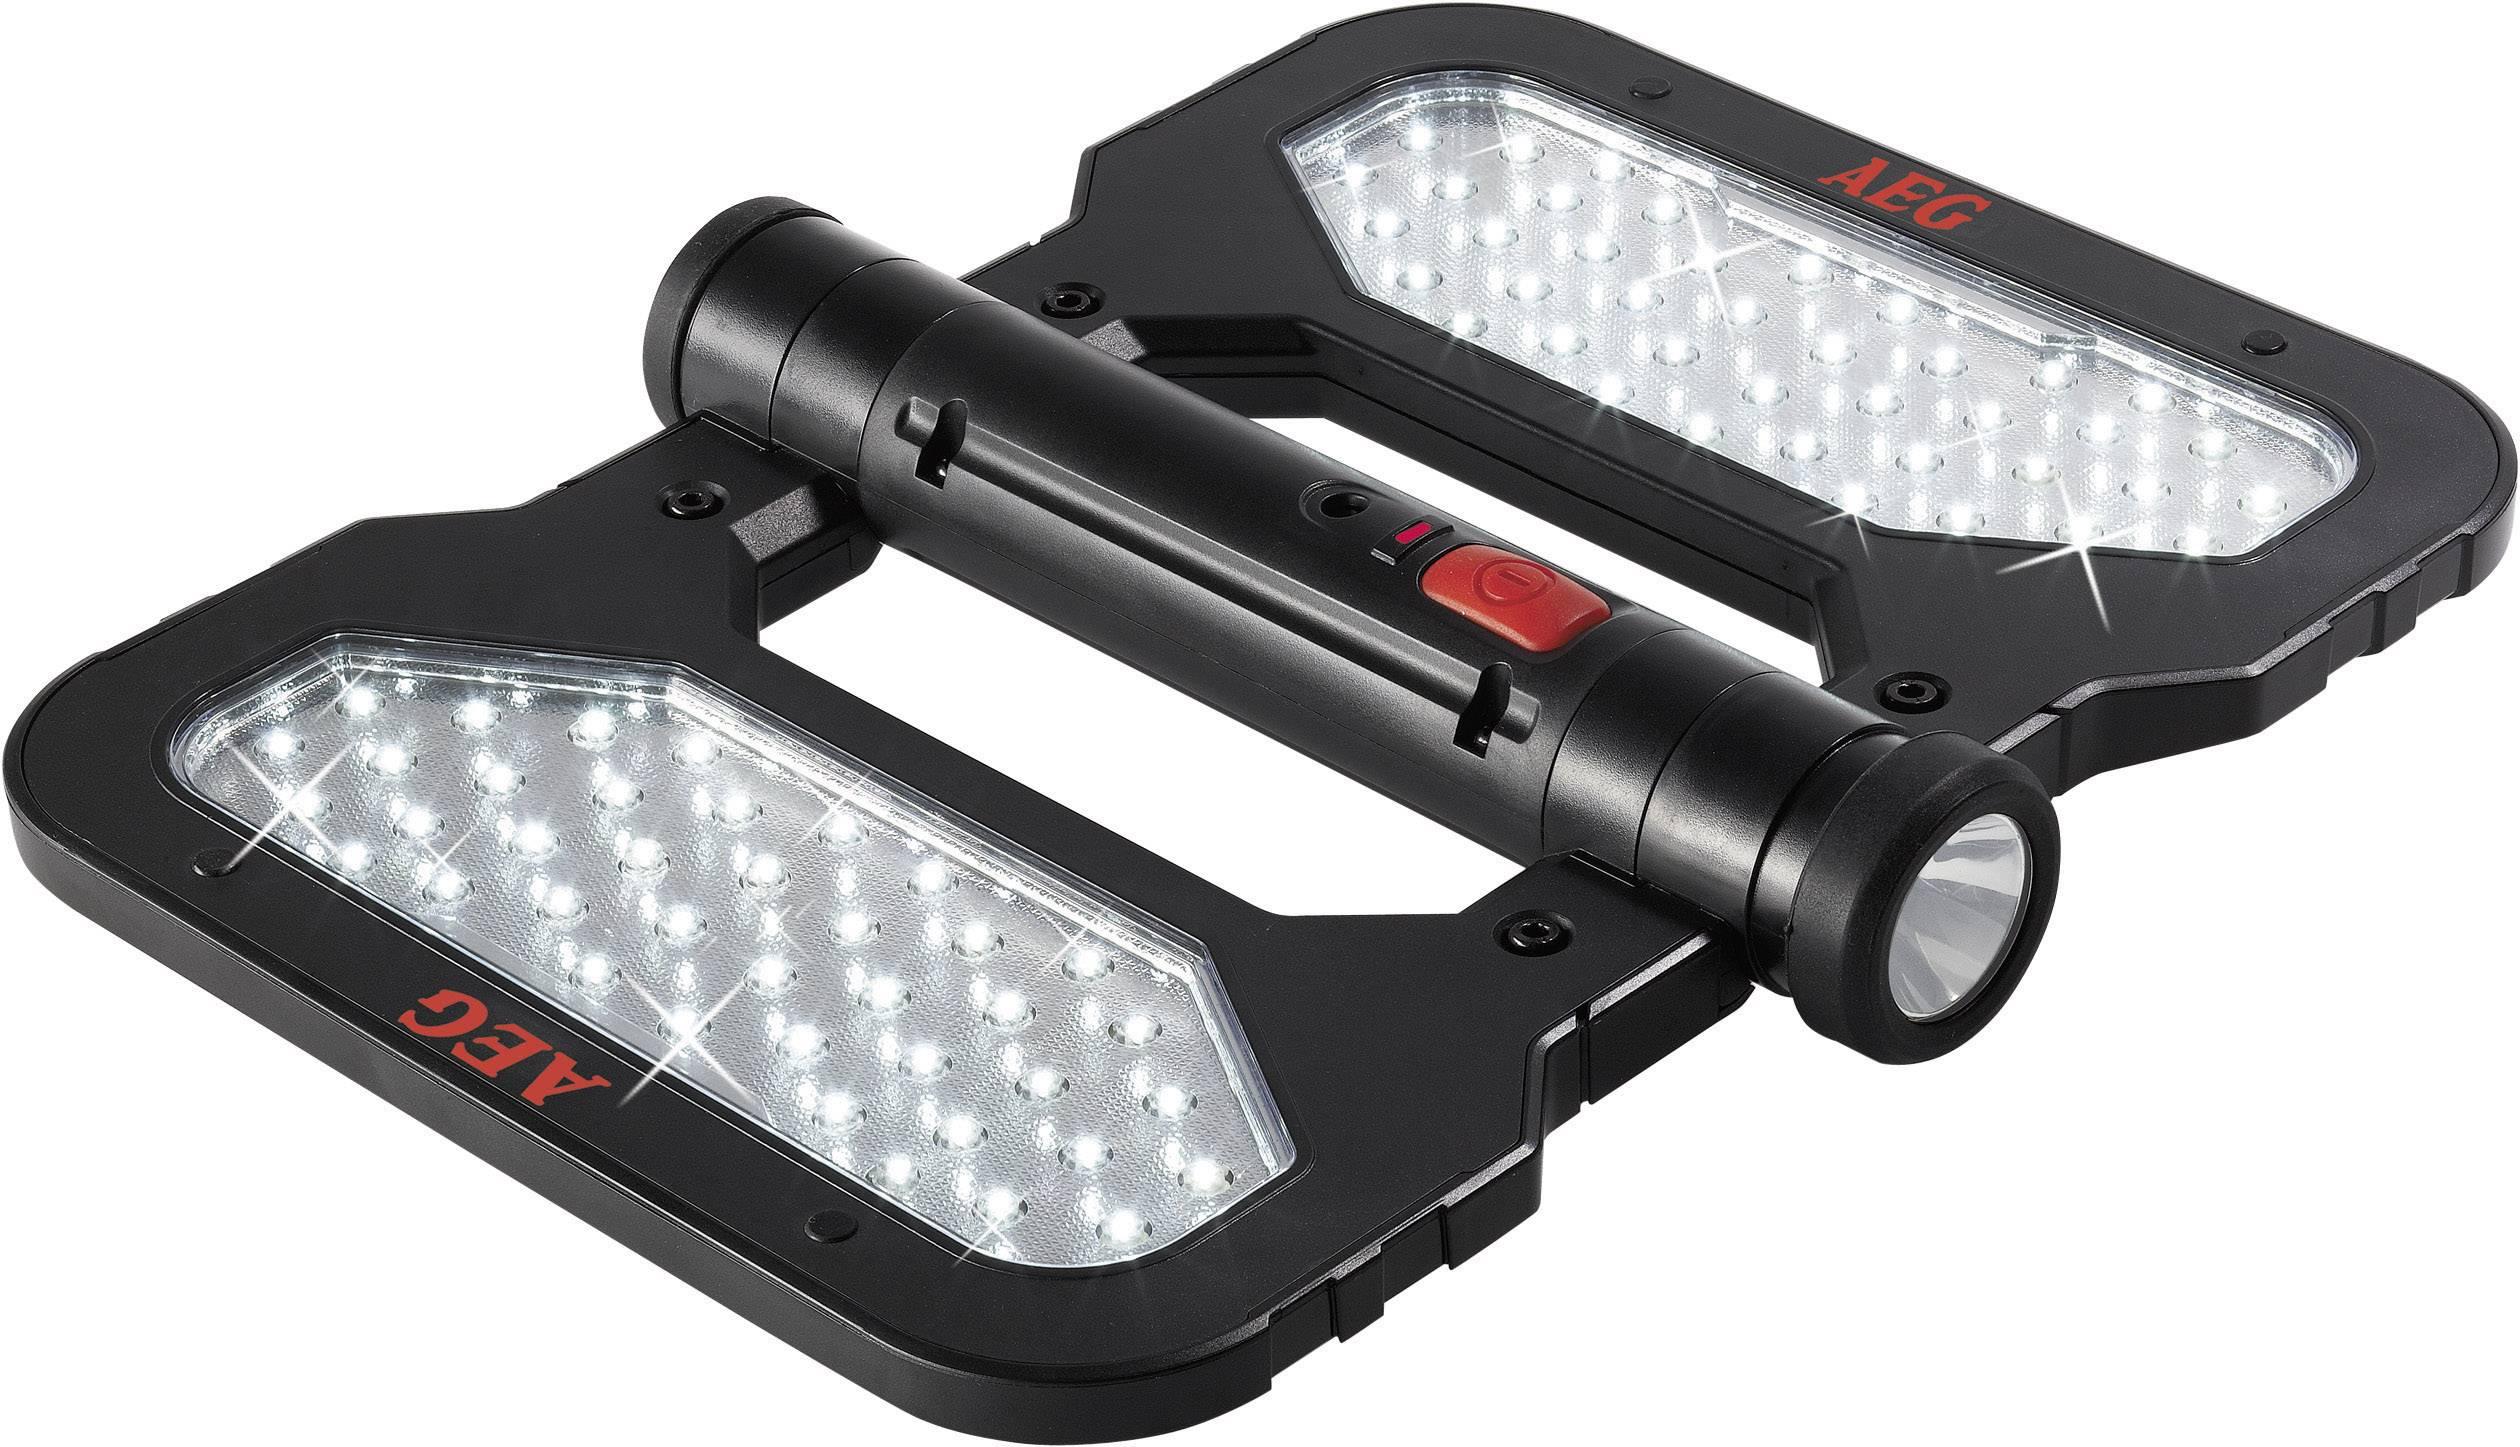 Akumulátorová LED svítilna AEG FL 80, 2AEG97194, 81 LED